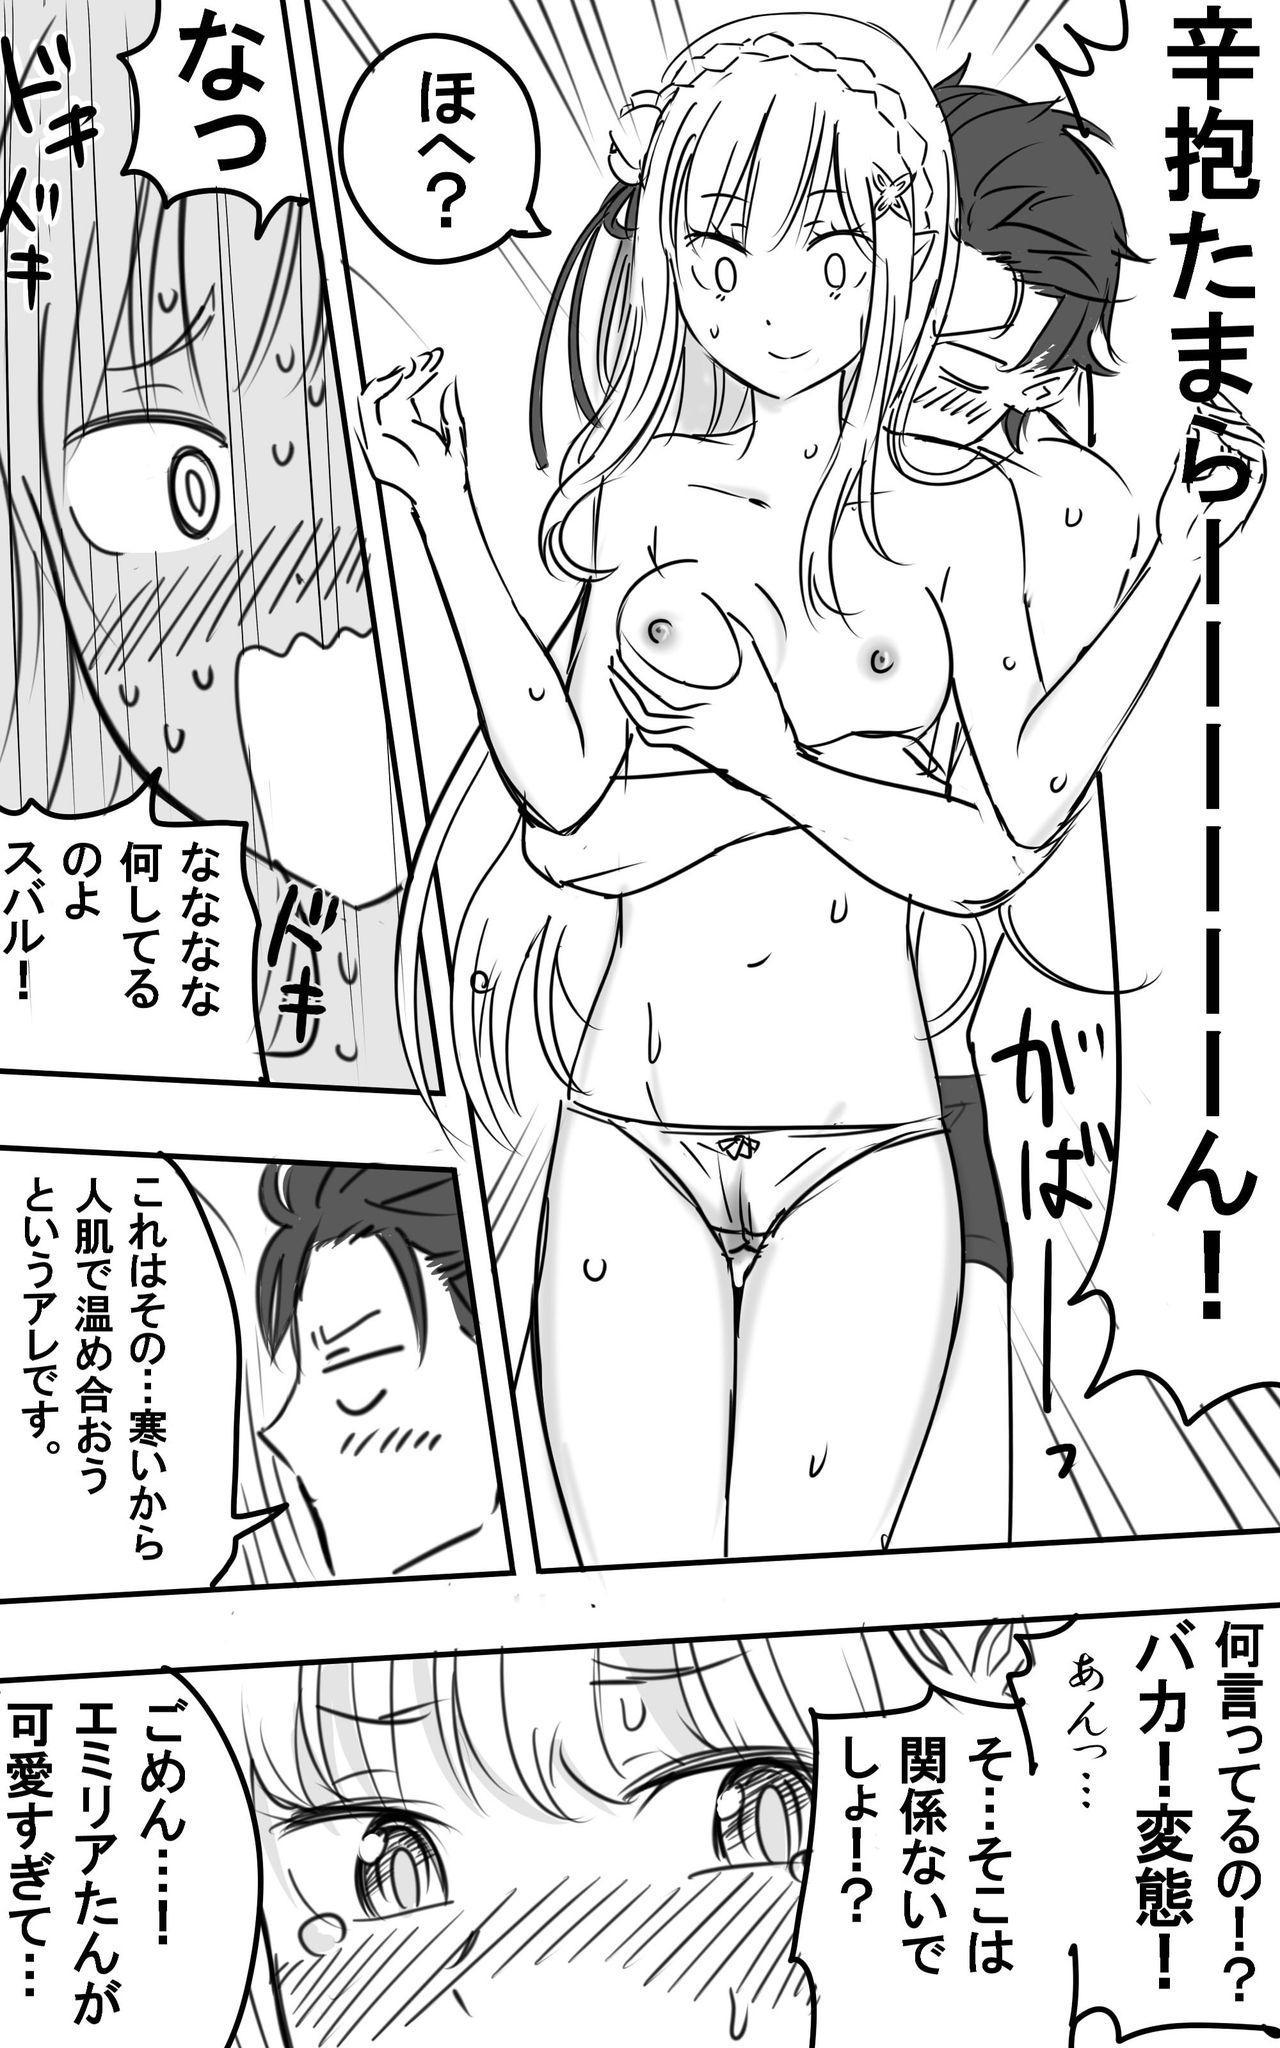 [NIJI-TERU] Emilia-tan to Sugooku Sex Sono 1-10 (Re:Zero kara Hajimeru Isekai Seikatsu) 7